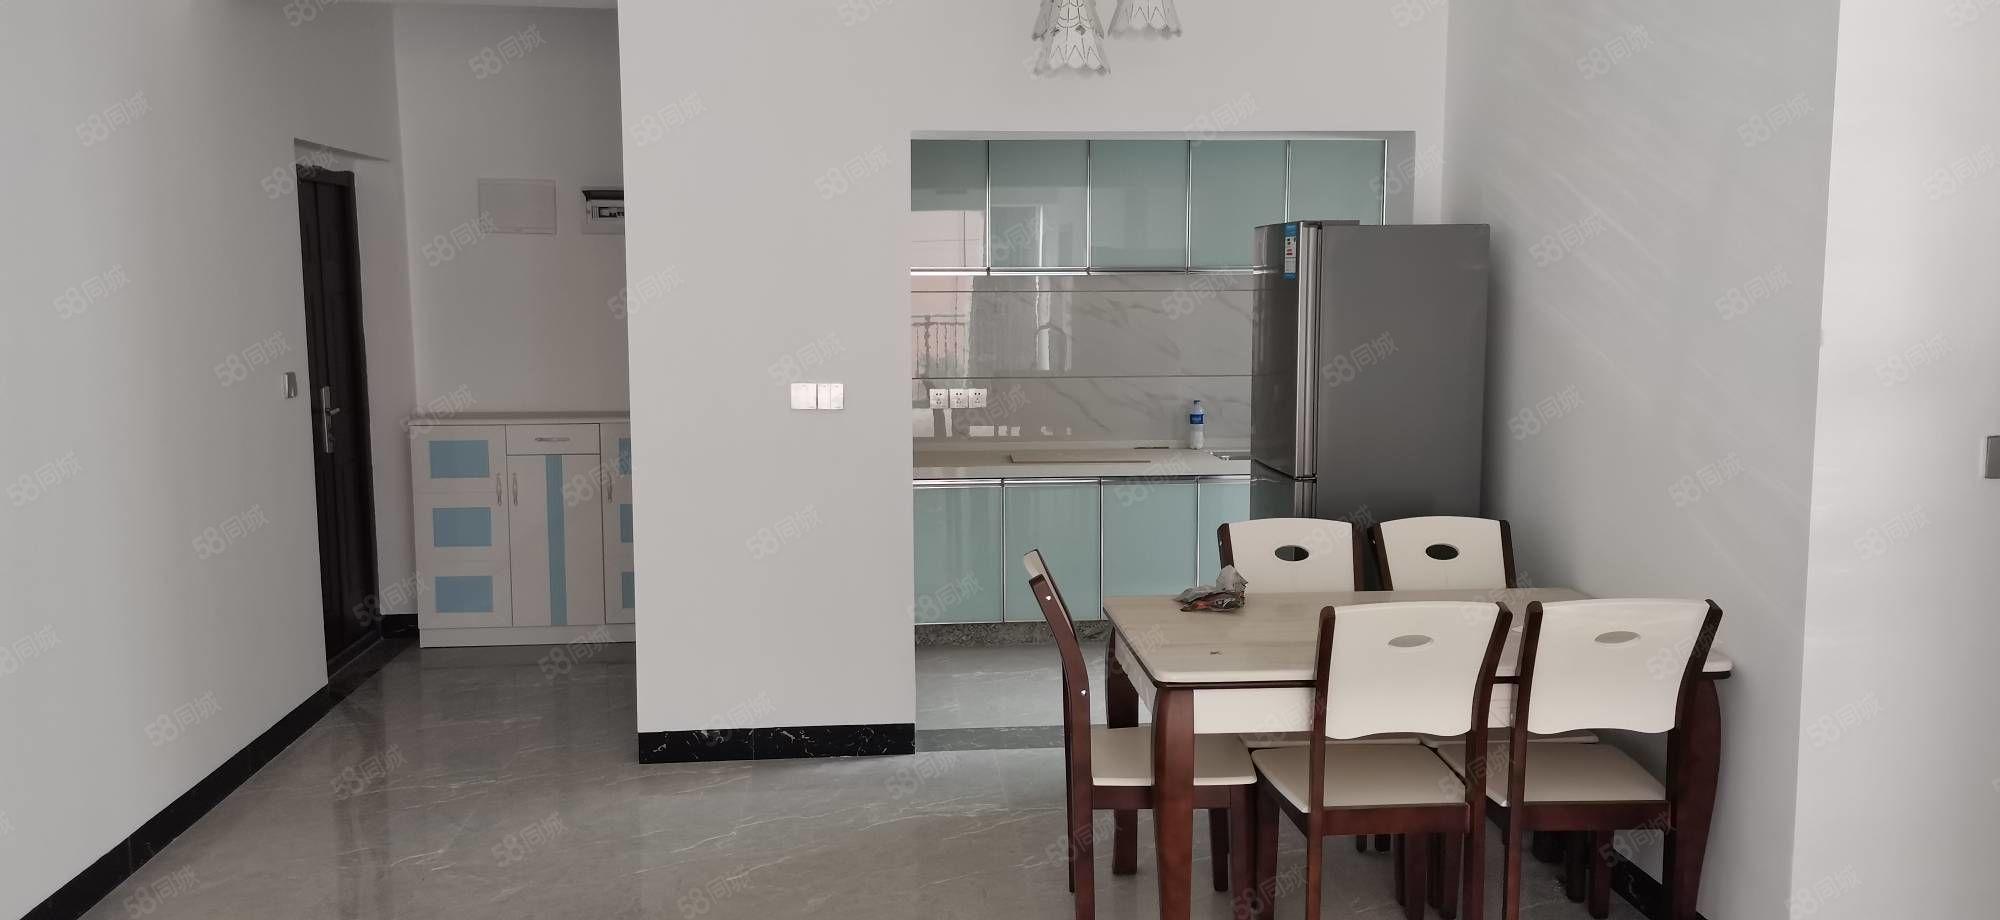 金鉆金洲三室兩廳兩衛打包出租家具齊全新裝修帶上私人用品可以